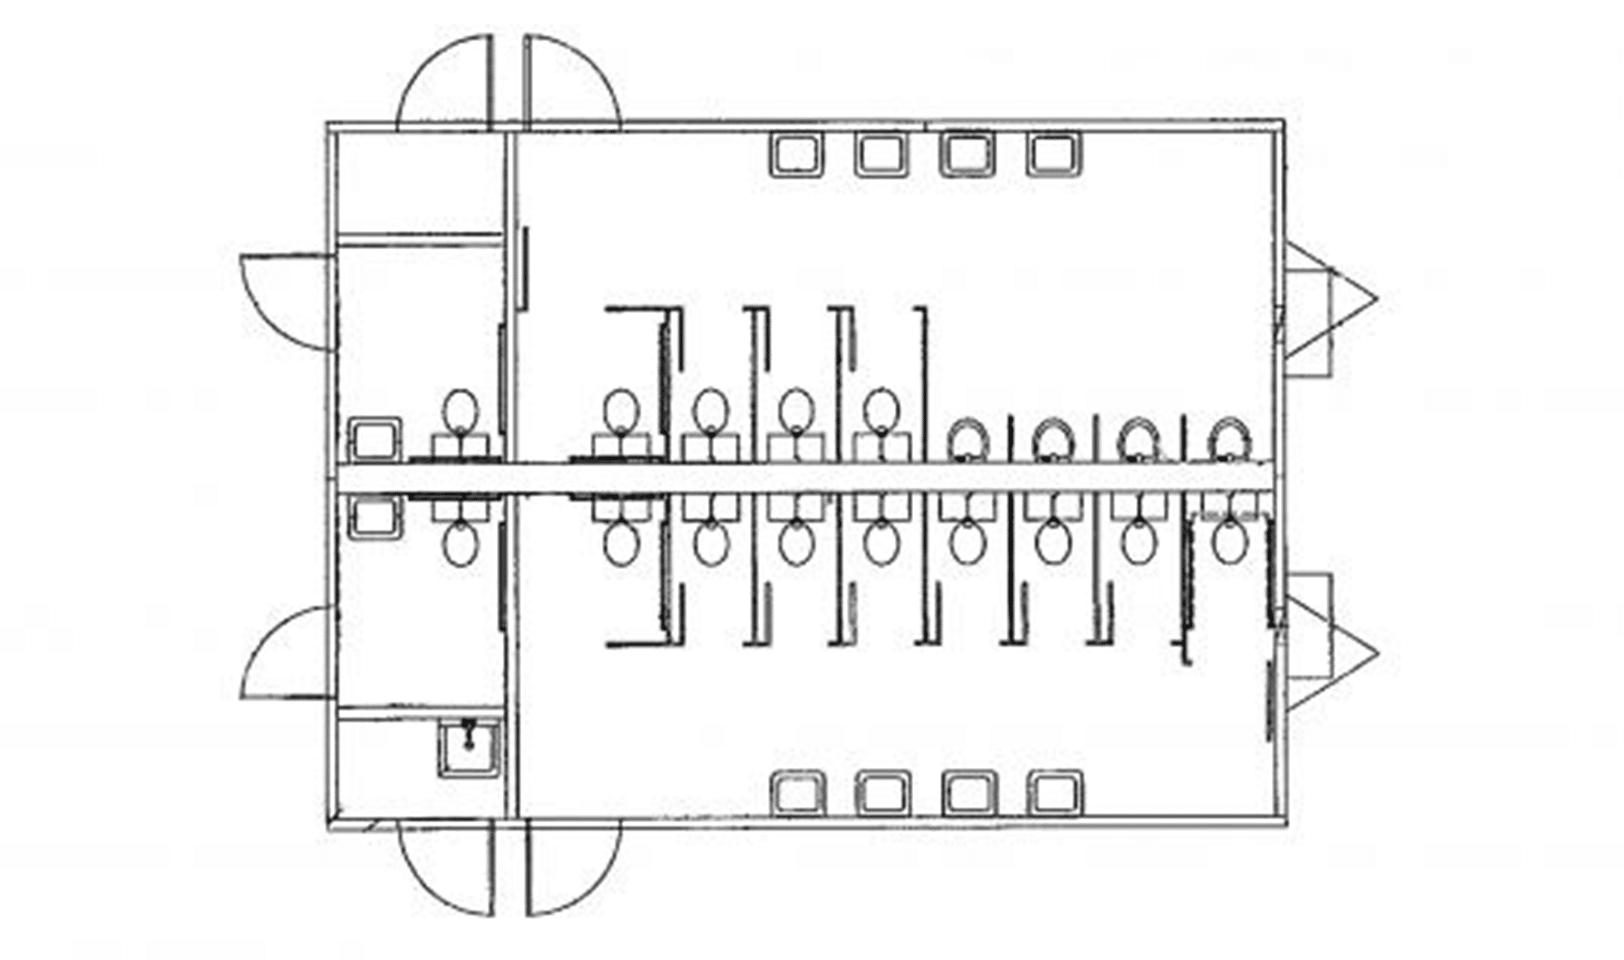 24' x 32' Modular restroom building floor plan